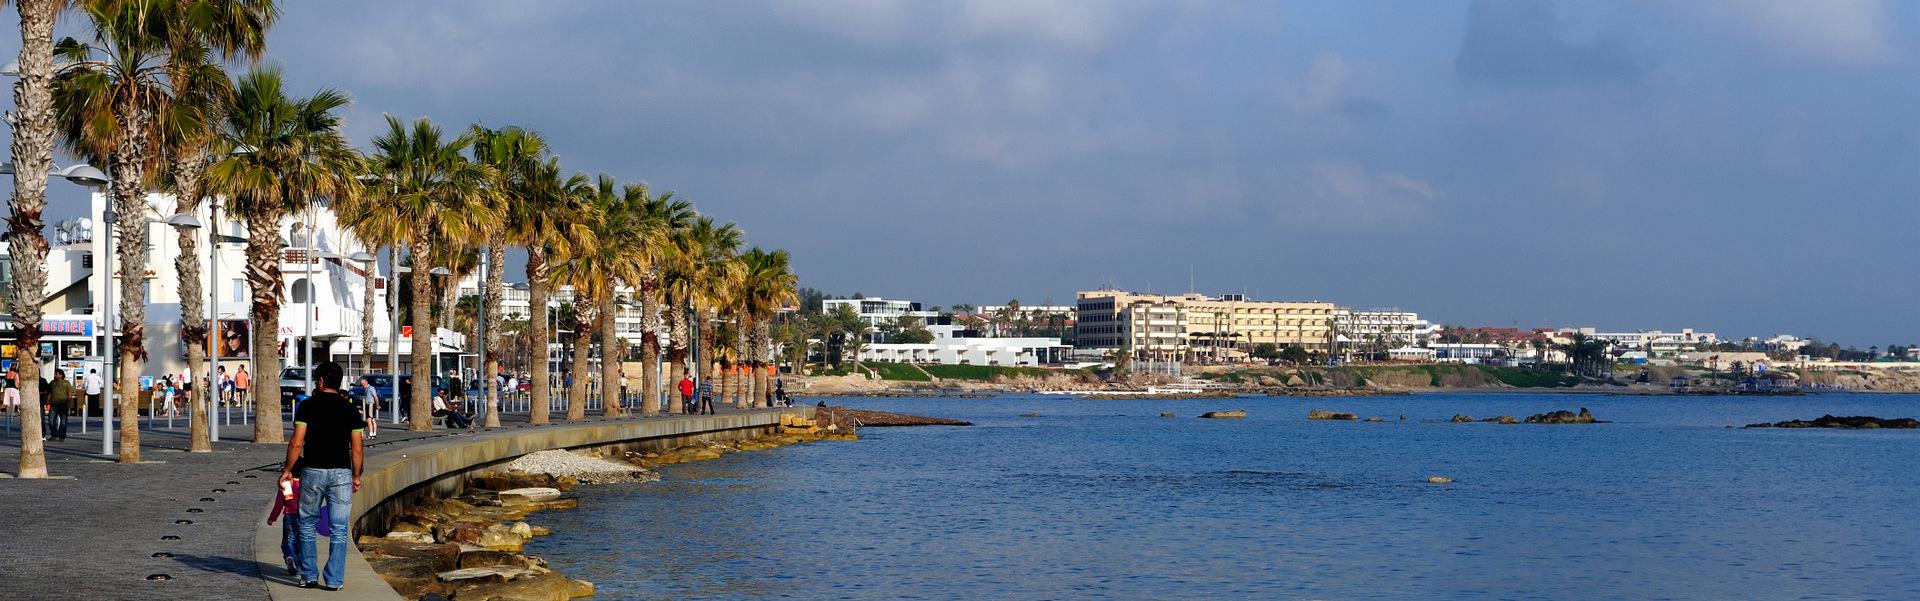 Kato Pafos area